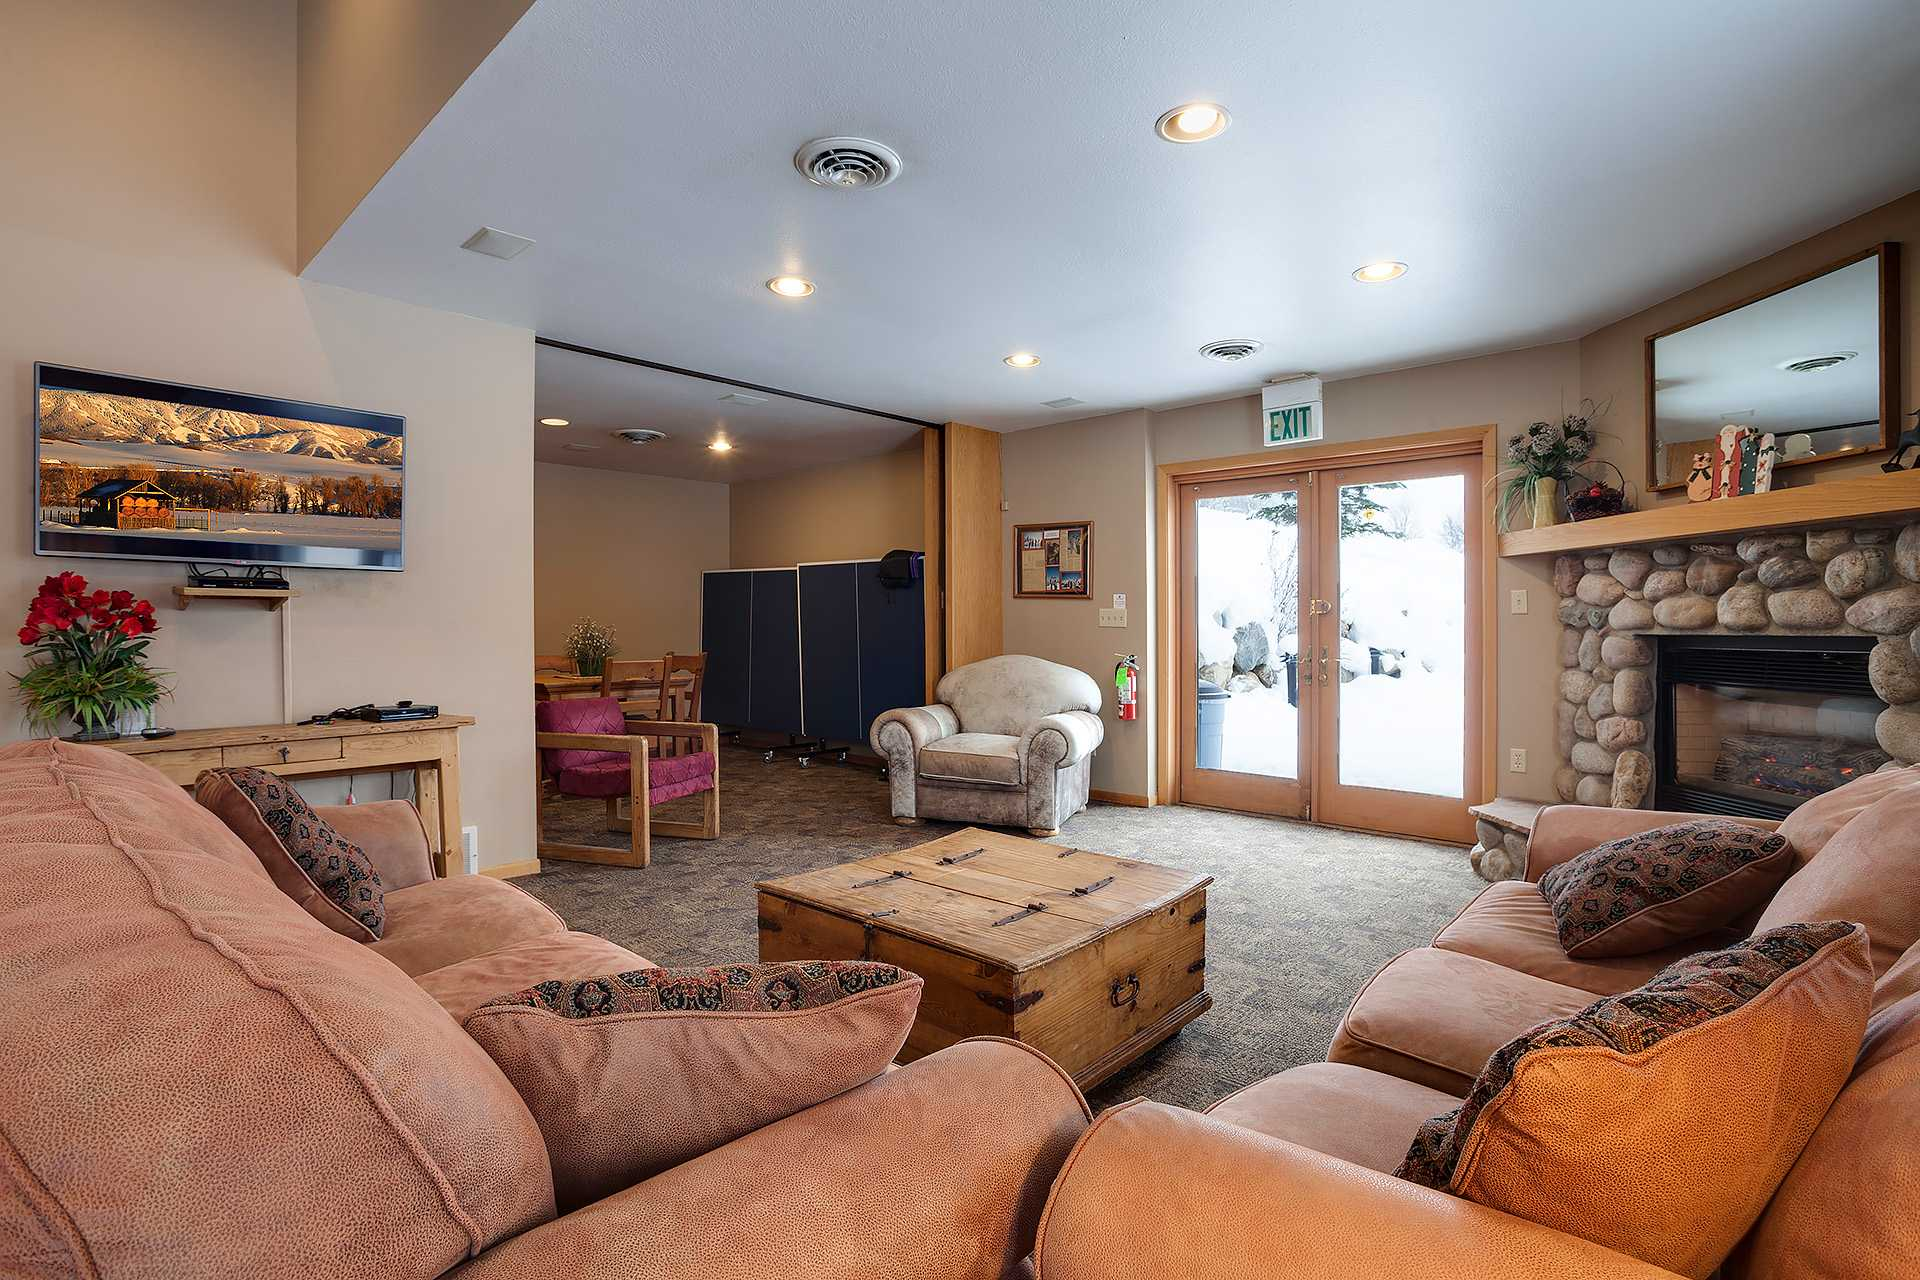 R2138: Rockies Condominiums